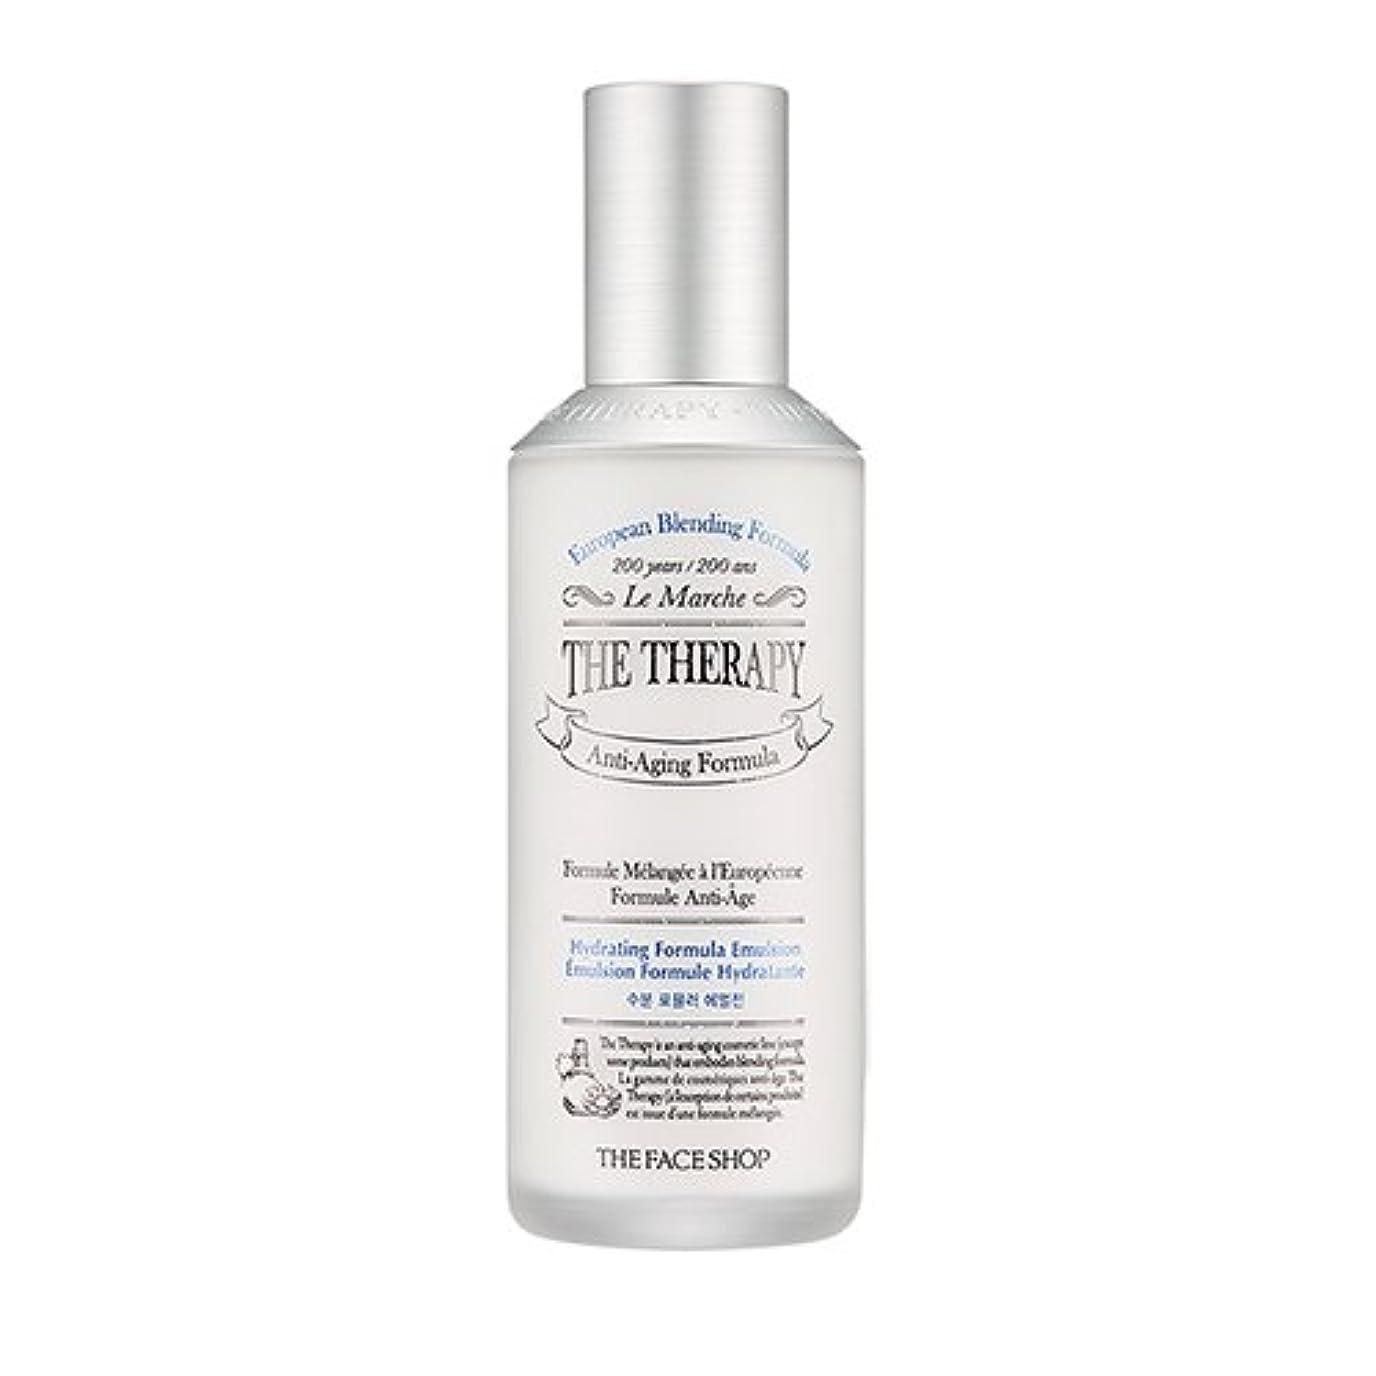 市民権ペナルティヒュームTHE FACE SHOP The Therapy Hydrating Formula Emulsion 130ml/ザフェイスショップ ザ セラピー ハイドレーティング フォーミュラ エマルジョン 130ml